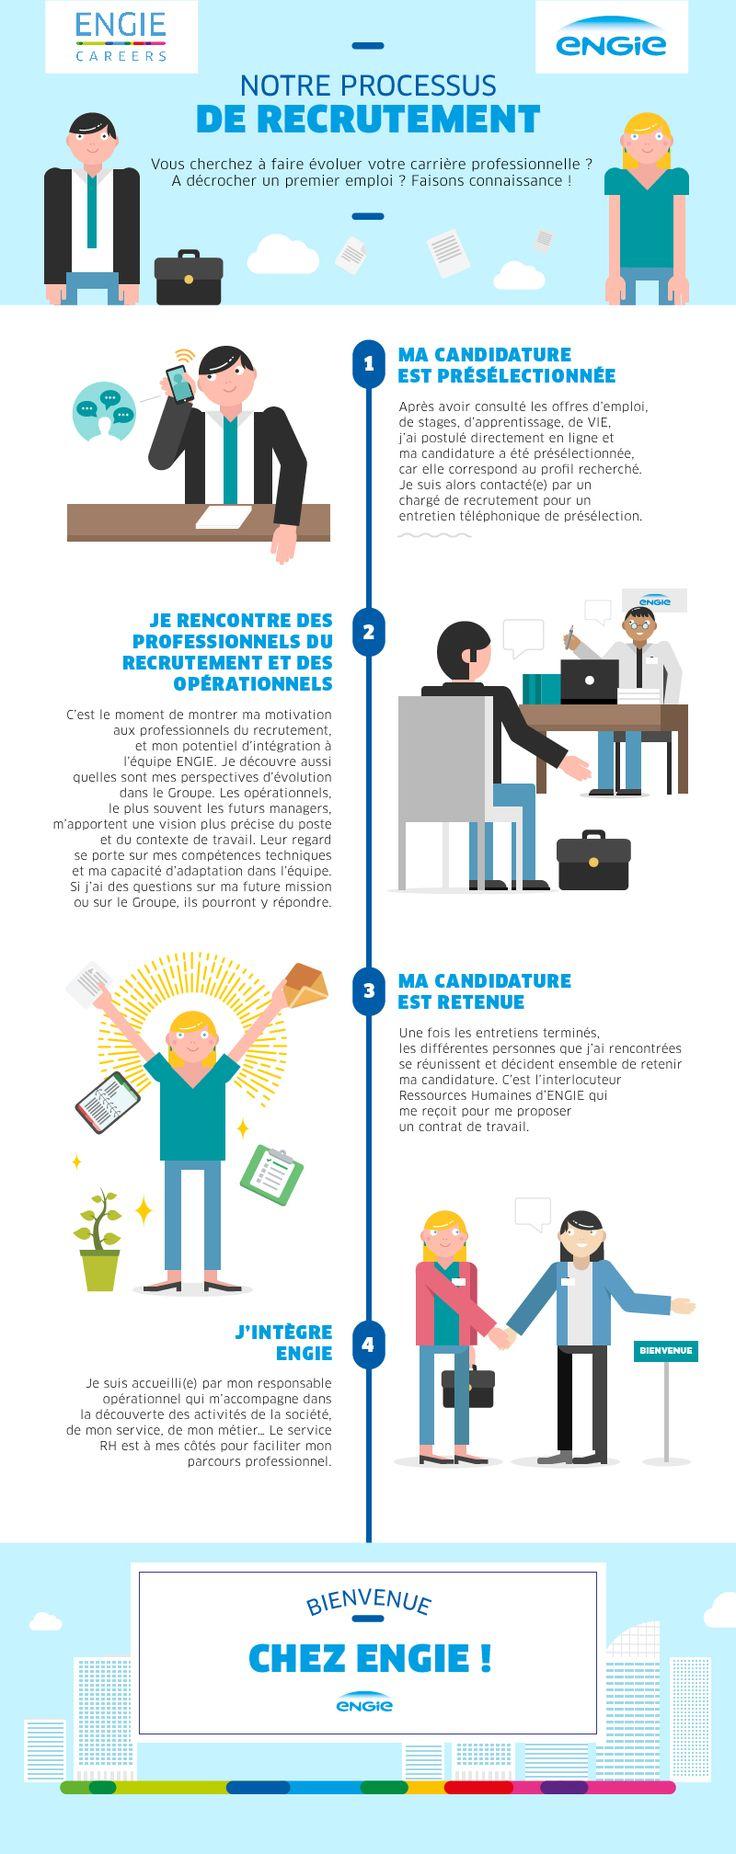 Epingle Par Engie Sur Infographies Made By Angie Recrutement Lettre De Motivation Entretien De Recrutement